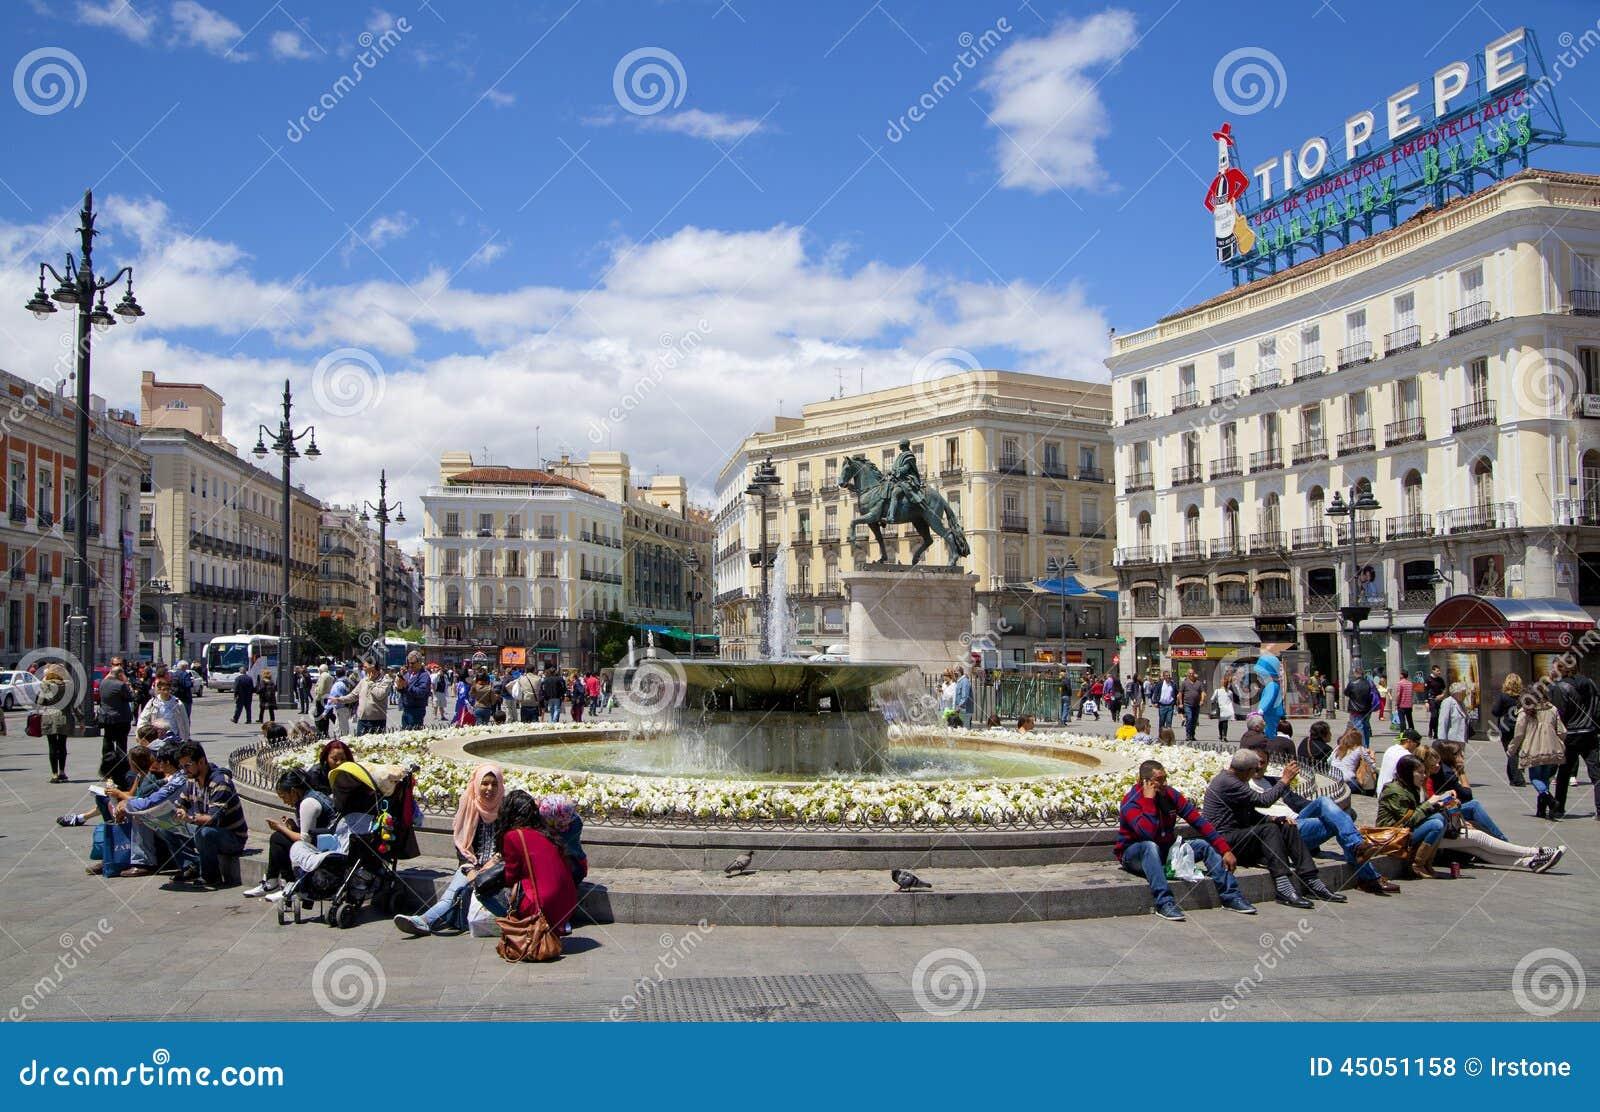 Madrid espa a 28 de mayo de 2014 centro de ciudad de for Centro oftalmologico puerta del sol